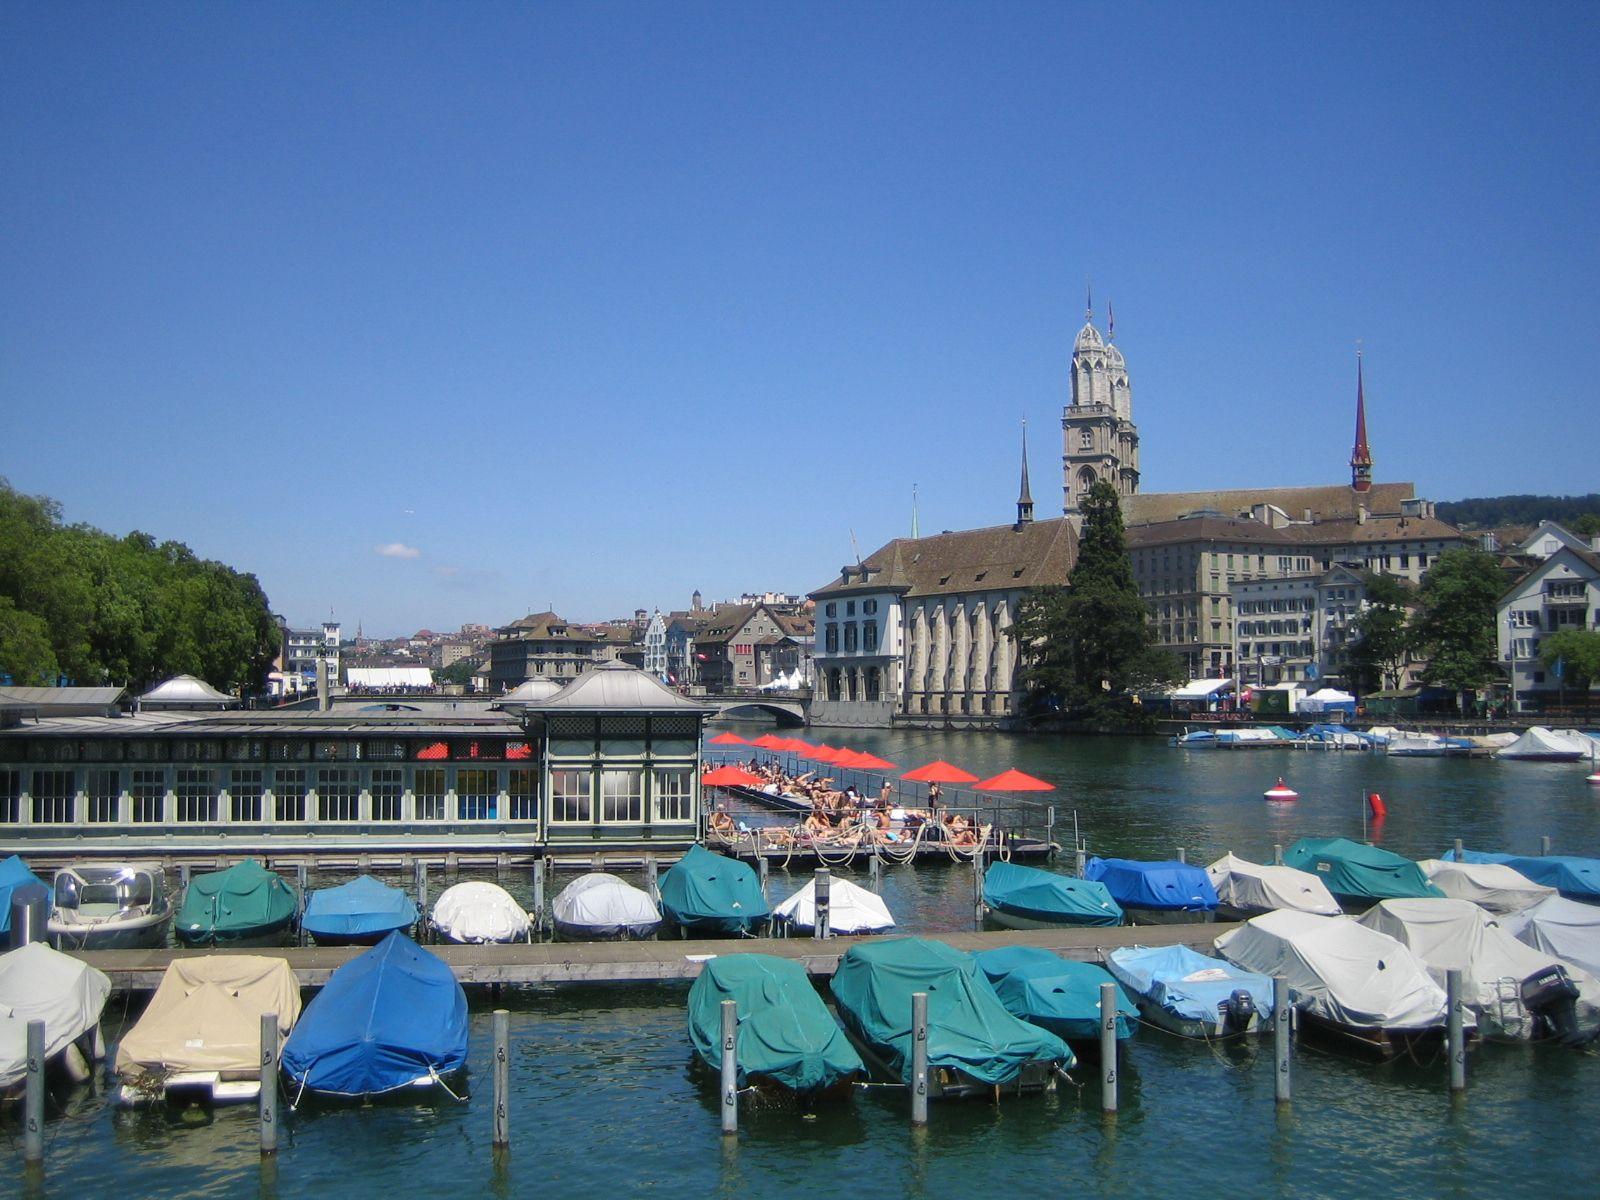 Die Schweiz (hier der Zürcher See) sieht vornehm und friedlich aus - doch der Schein trügt